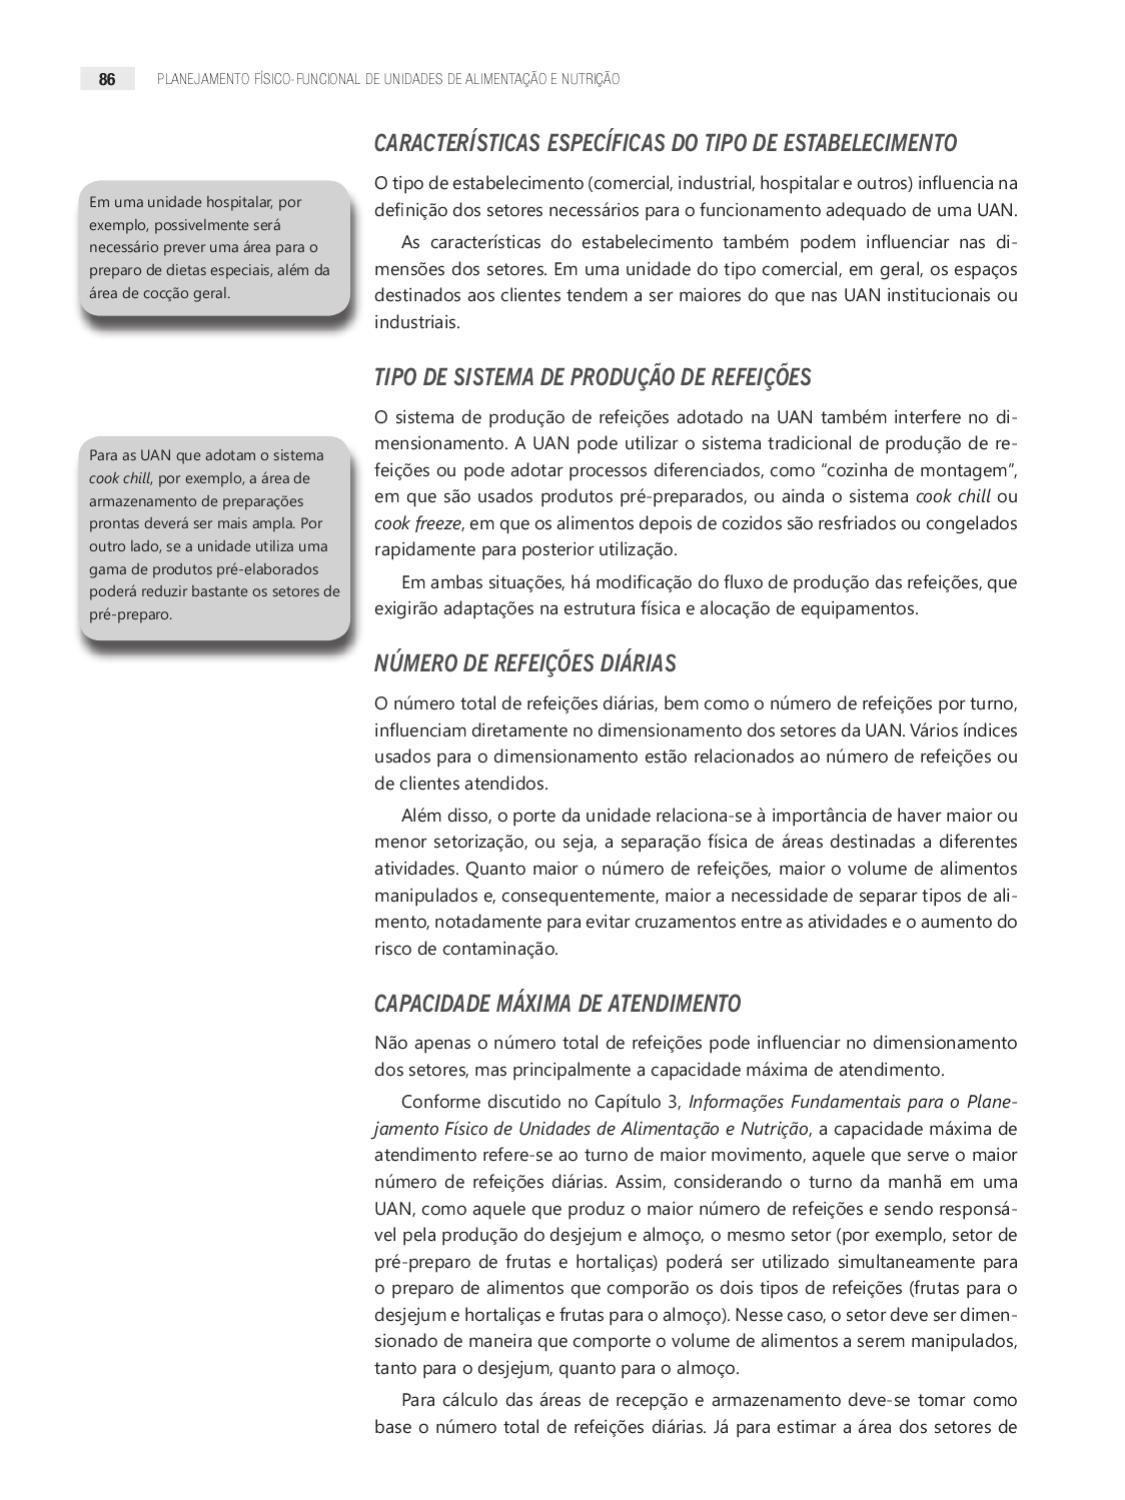 Planejamento Físico Funcional De Unidades De Alimentação E